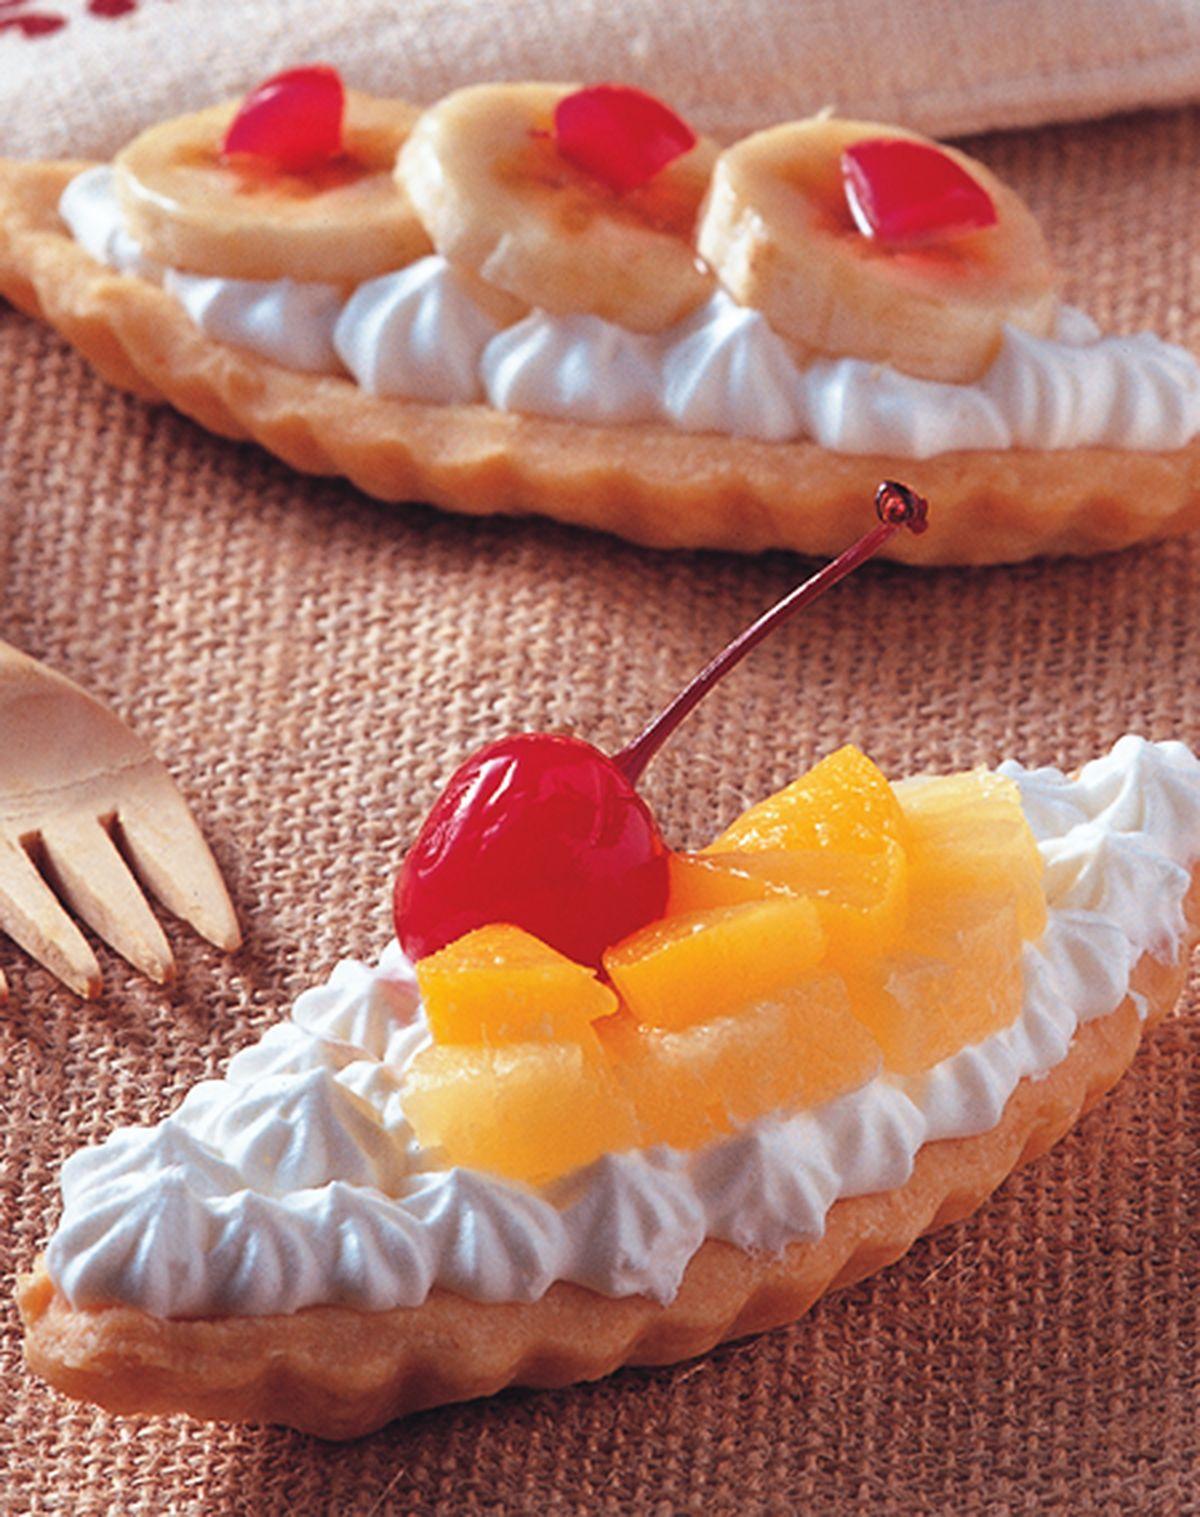 食譜:什錦水果塔